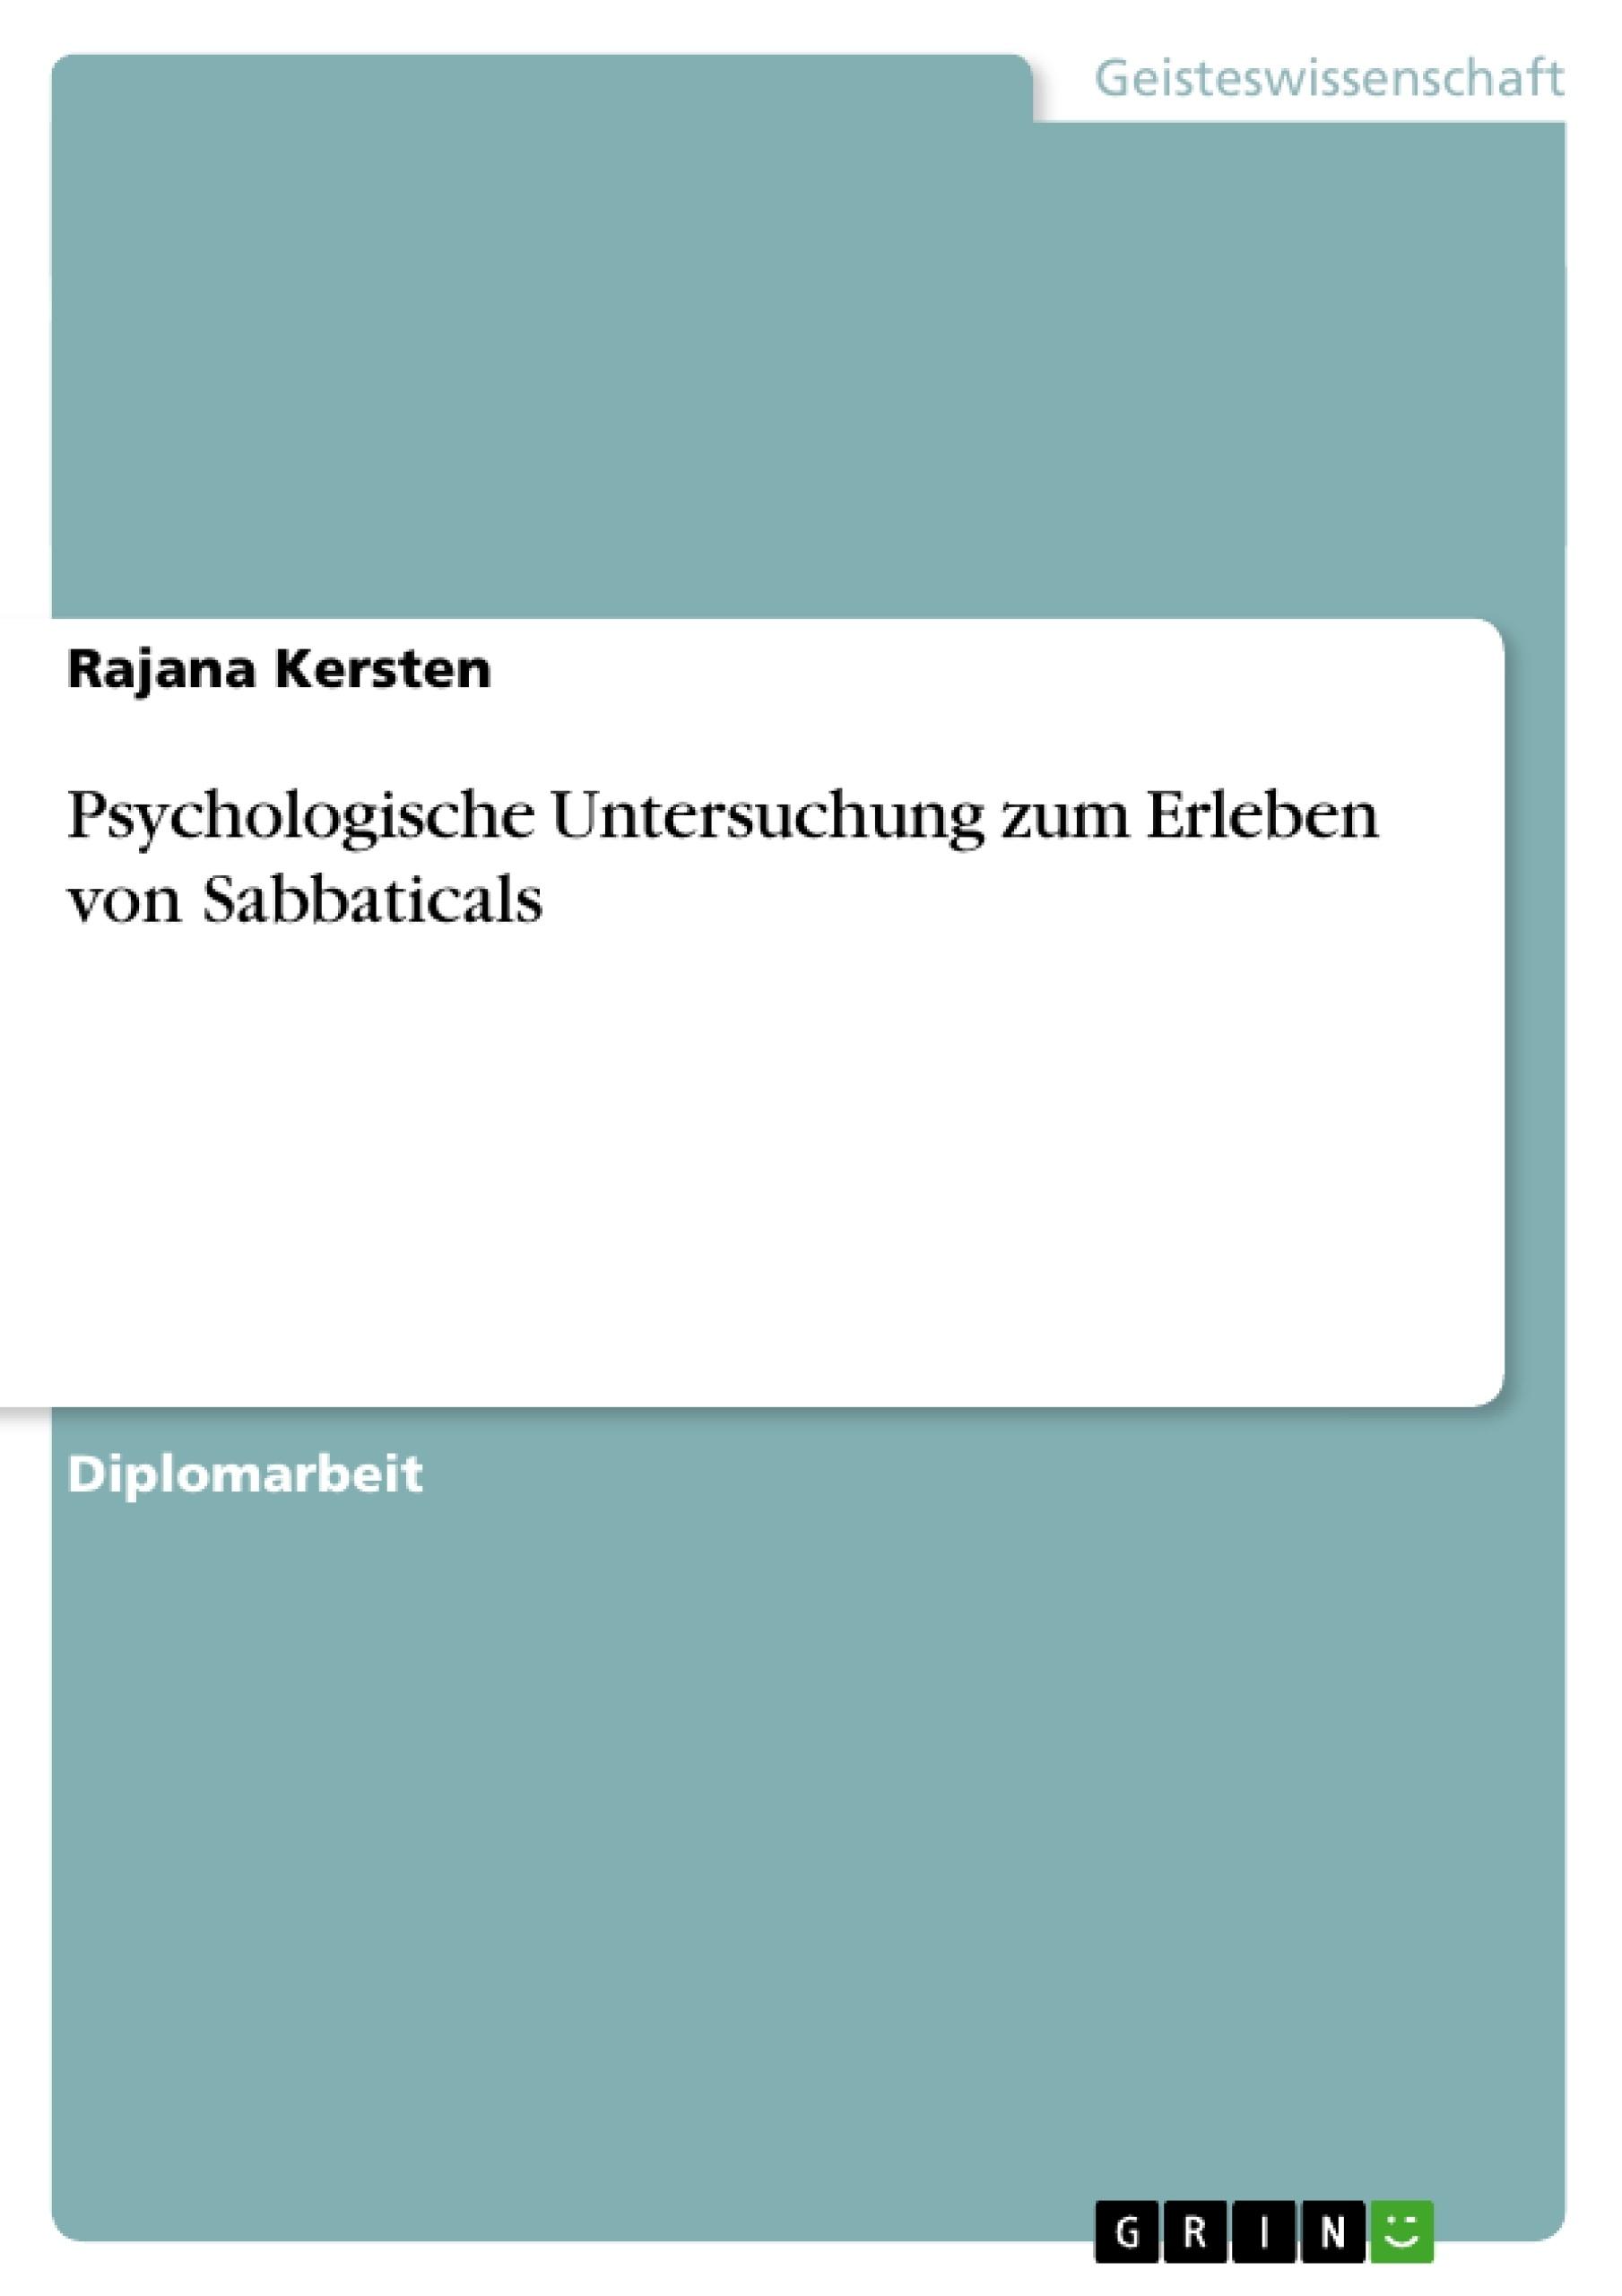 Titel: Psychologische Untersuchung zum Erleben von Sabbaticals